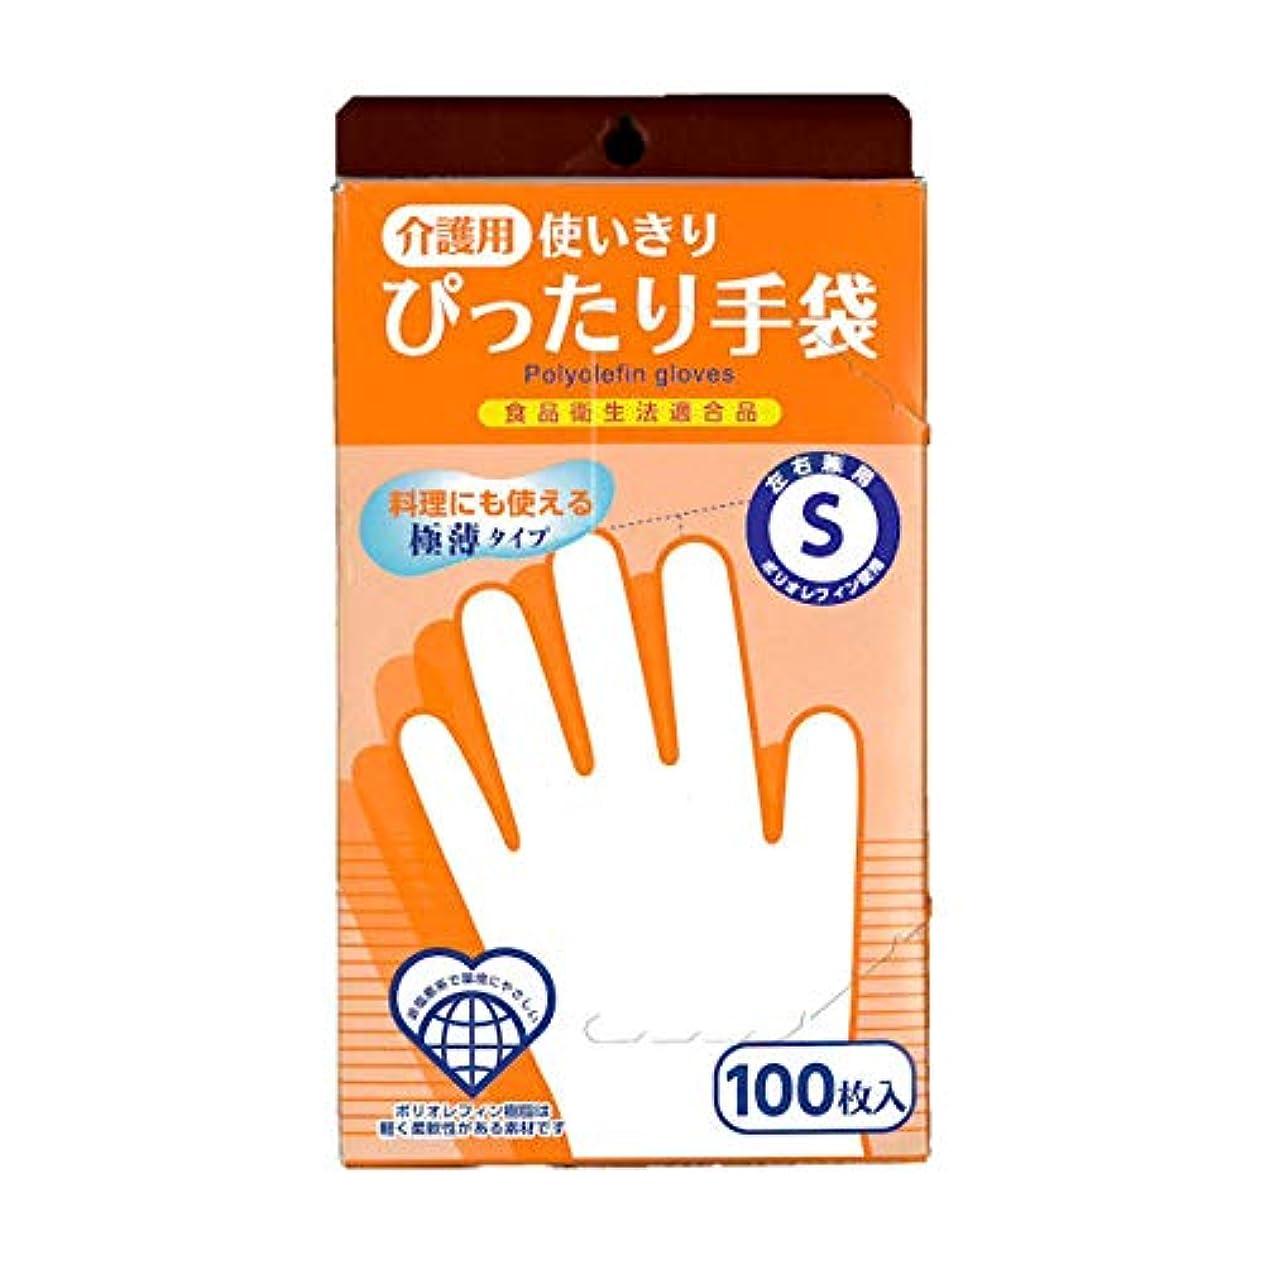 相対性理論スイス人貫通奥田薬品 介護用 使いきりぴったり手袋 Sサイズ 100枚